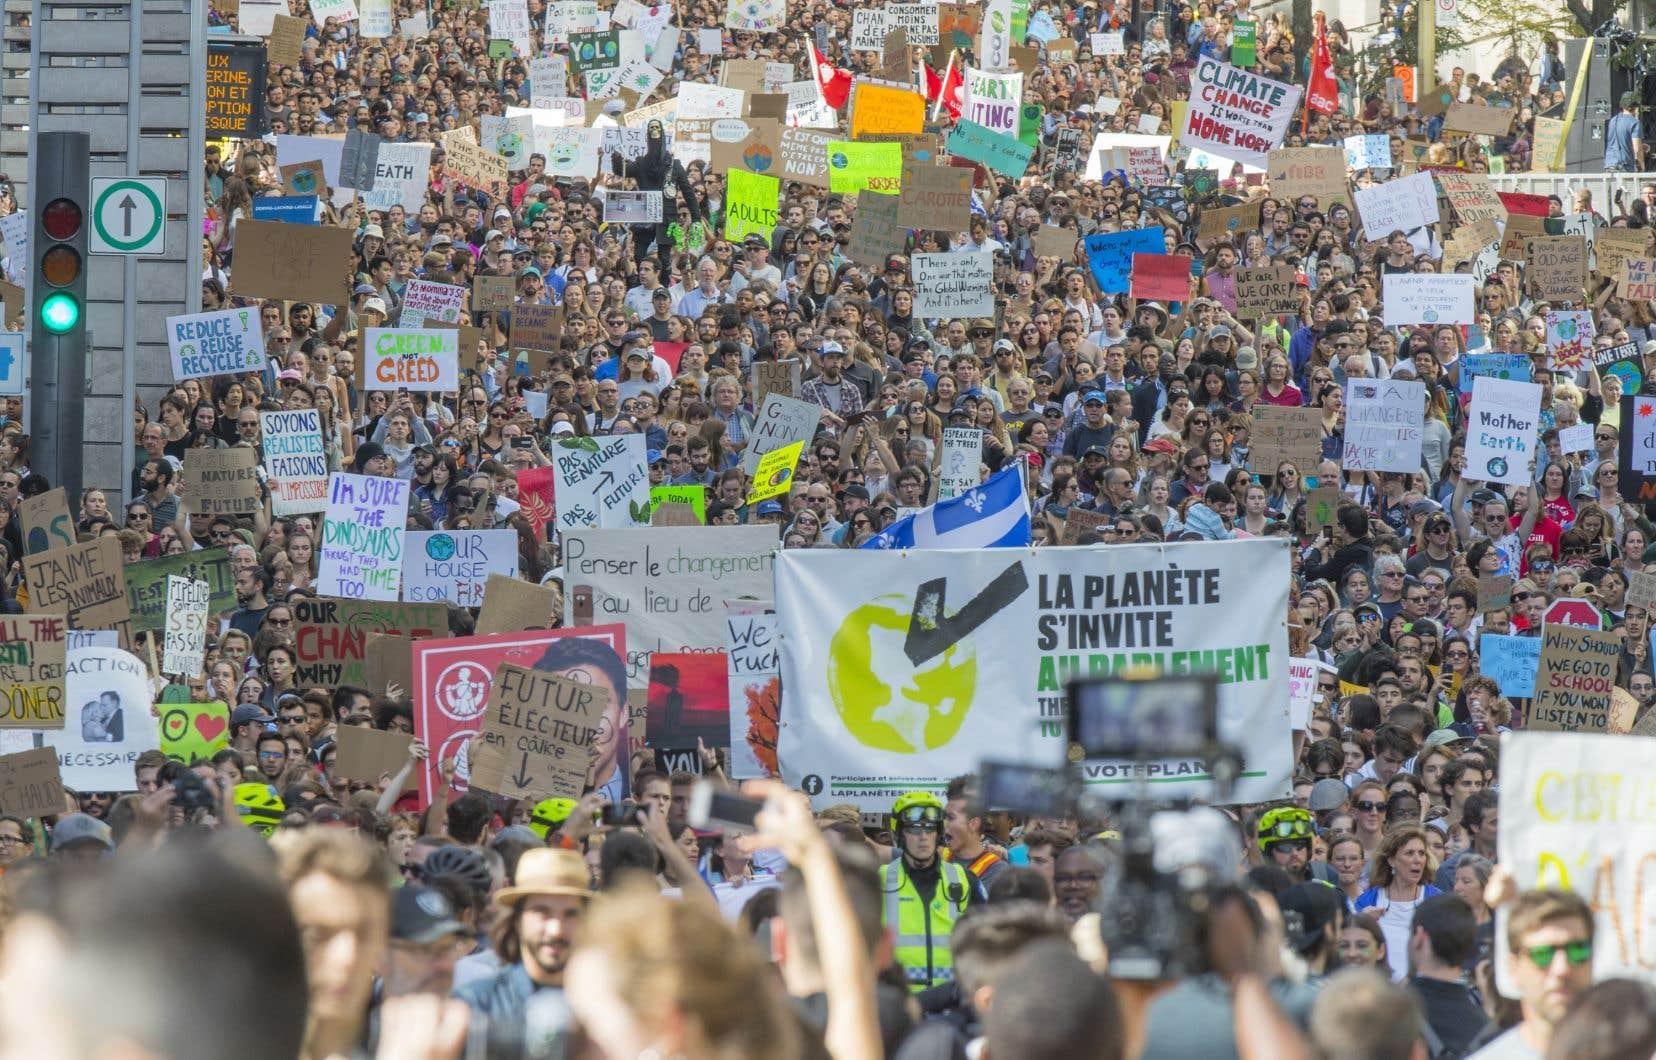 Depuis le début de la pandémie, la crise climatique a été souvent reléguée en arrière-plan dans l'actualité, mais elle resterait une préoccupation majeure dans l'opinion publique.